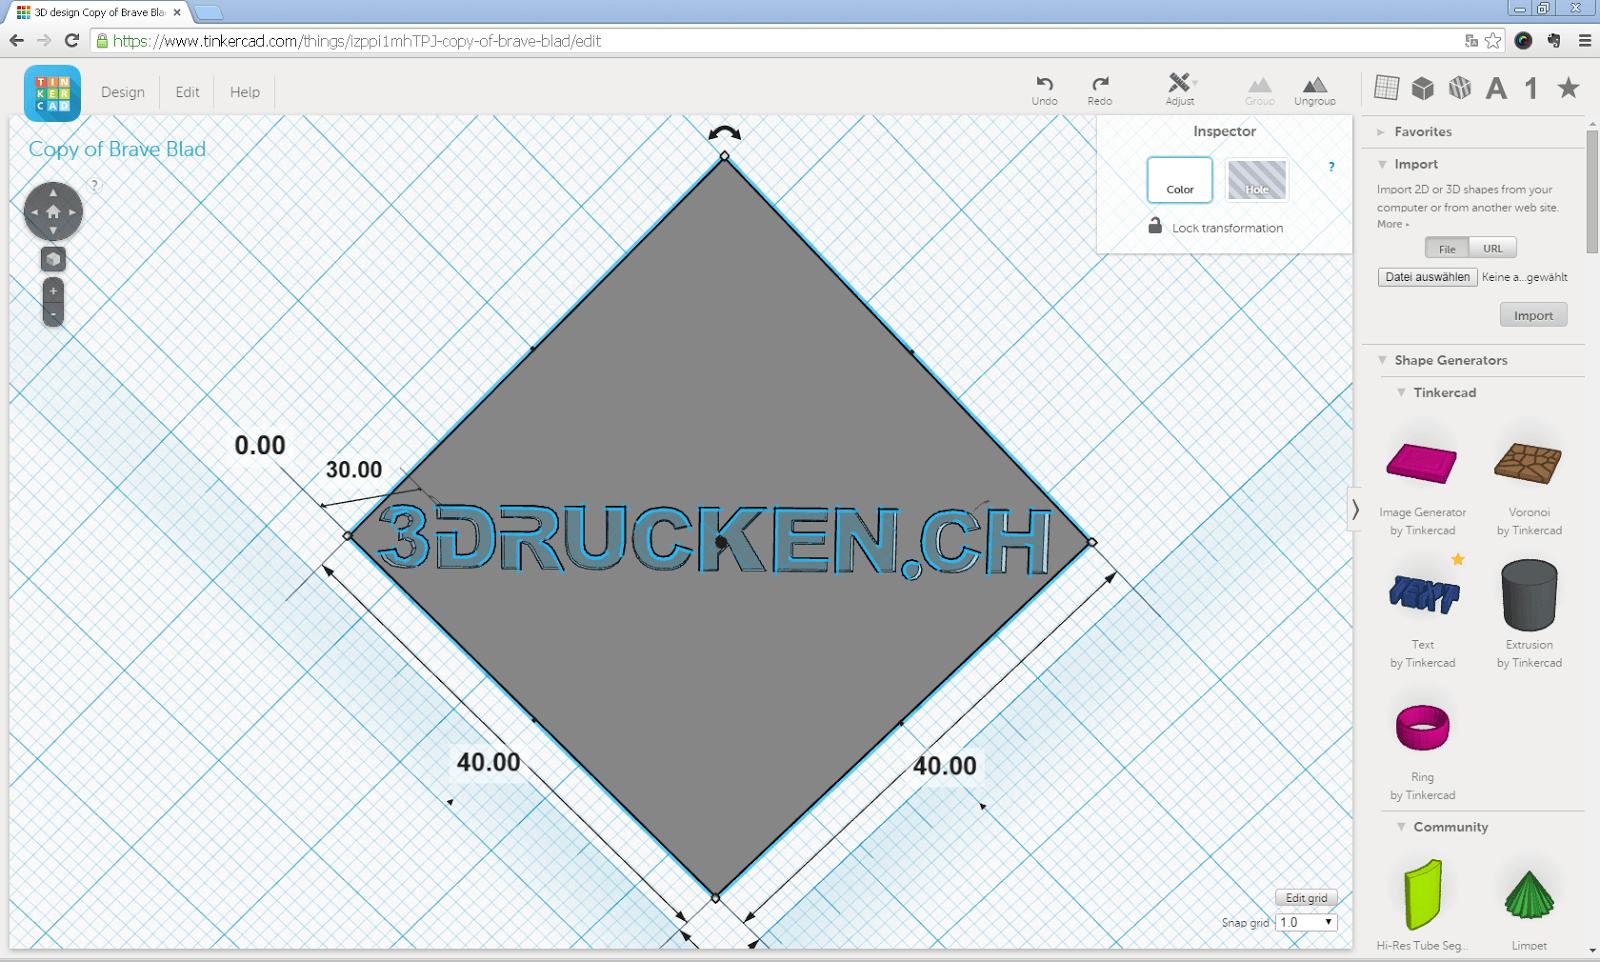 Screenshot aus Tinkercad mit ausgestanztem Schriftzug 3DRUCKEN.CH auf der Unterseite des Modells des Matterhorns